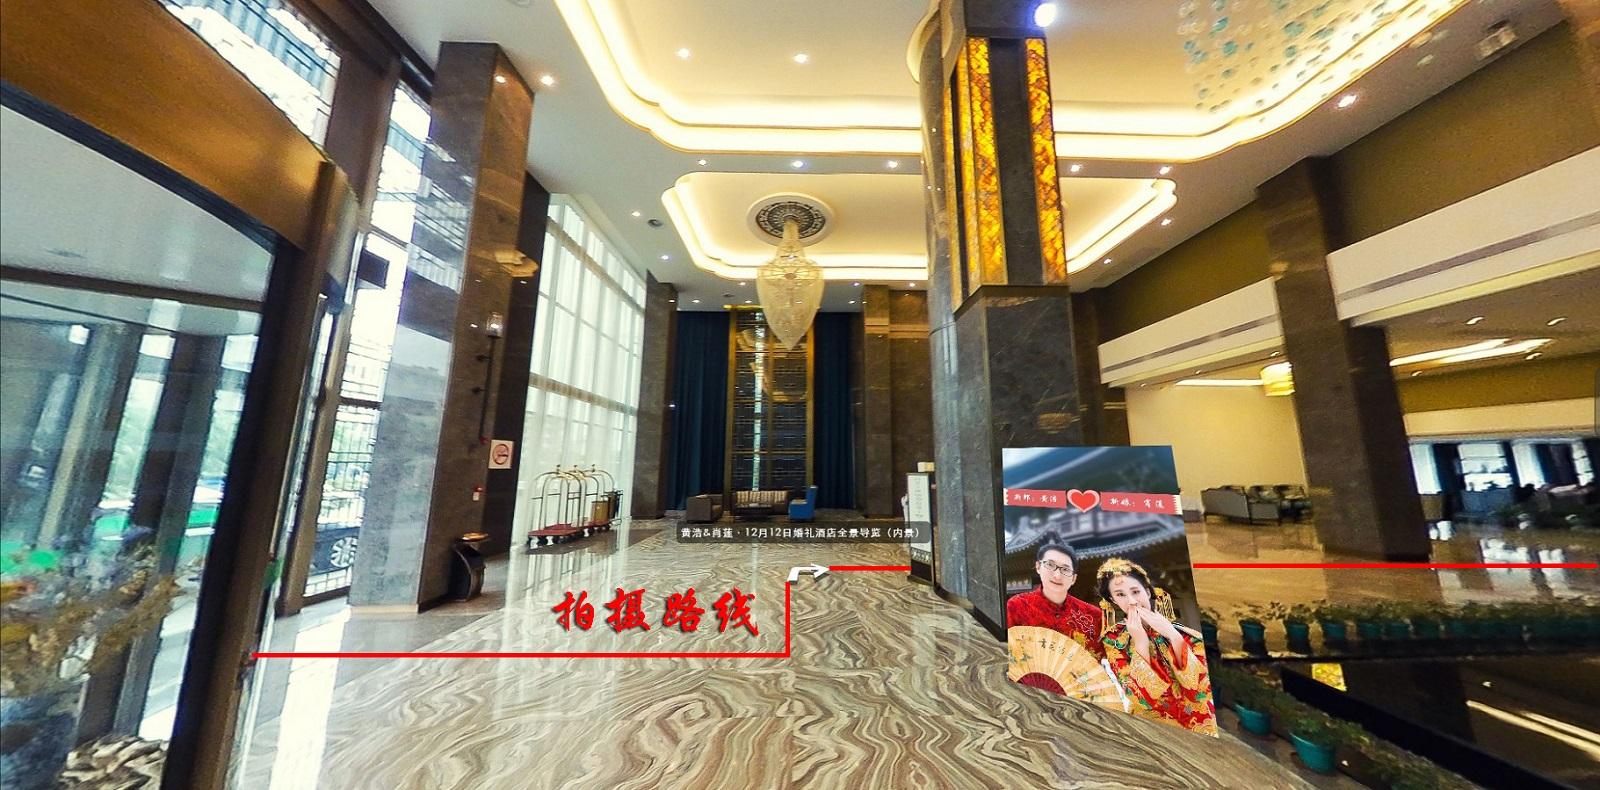 2 酒店内勘景 字.jpg